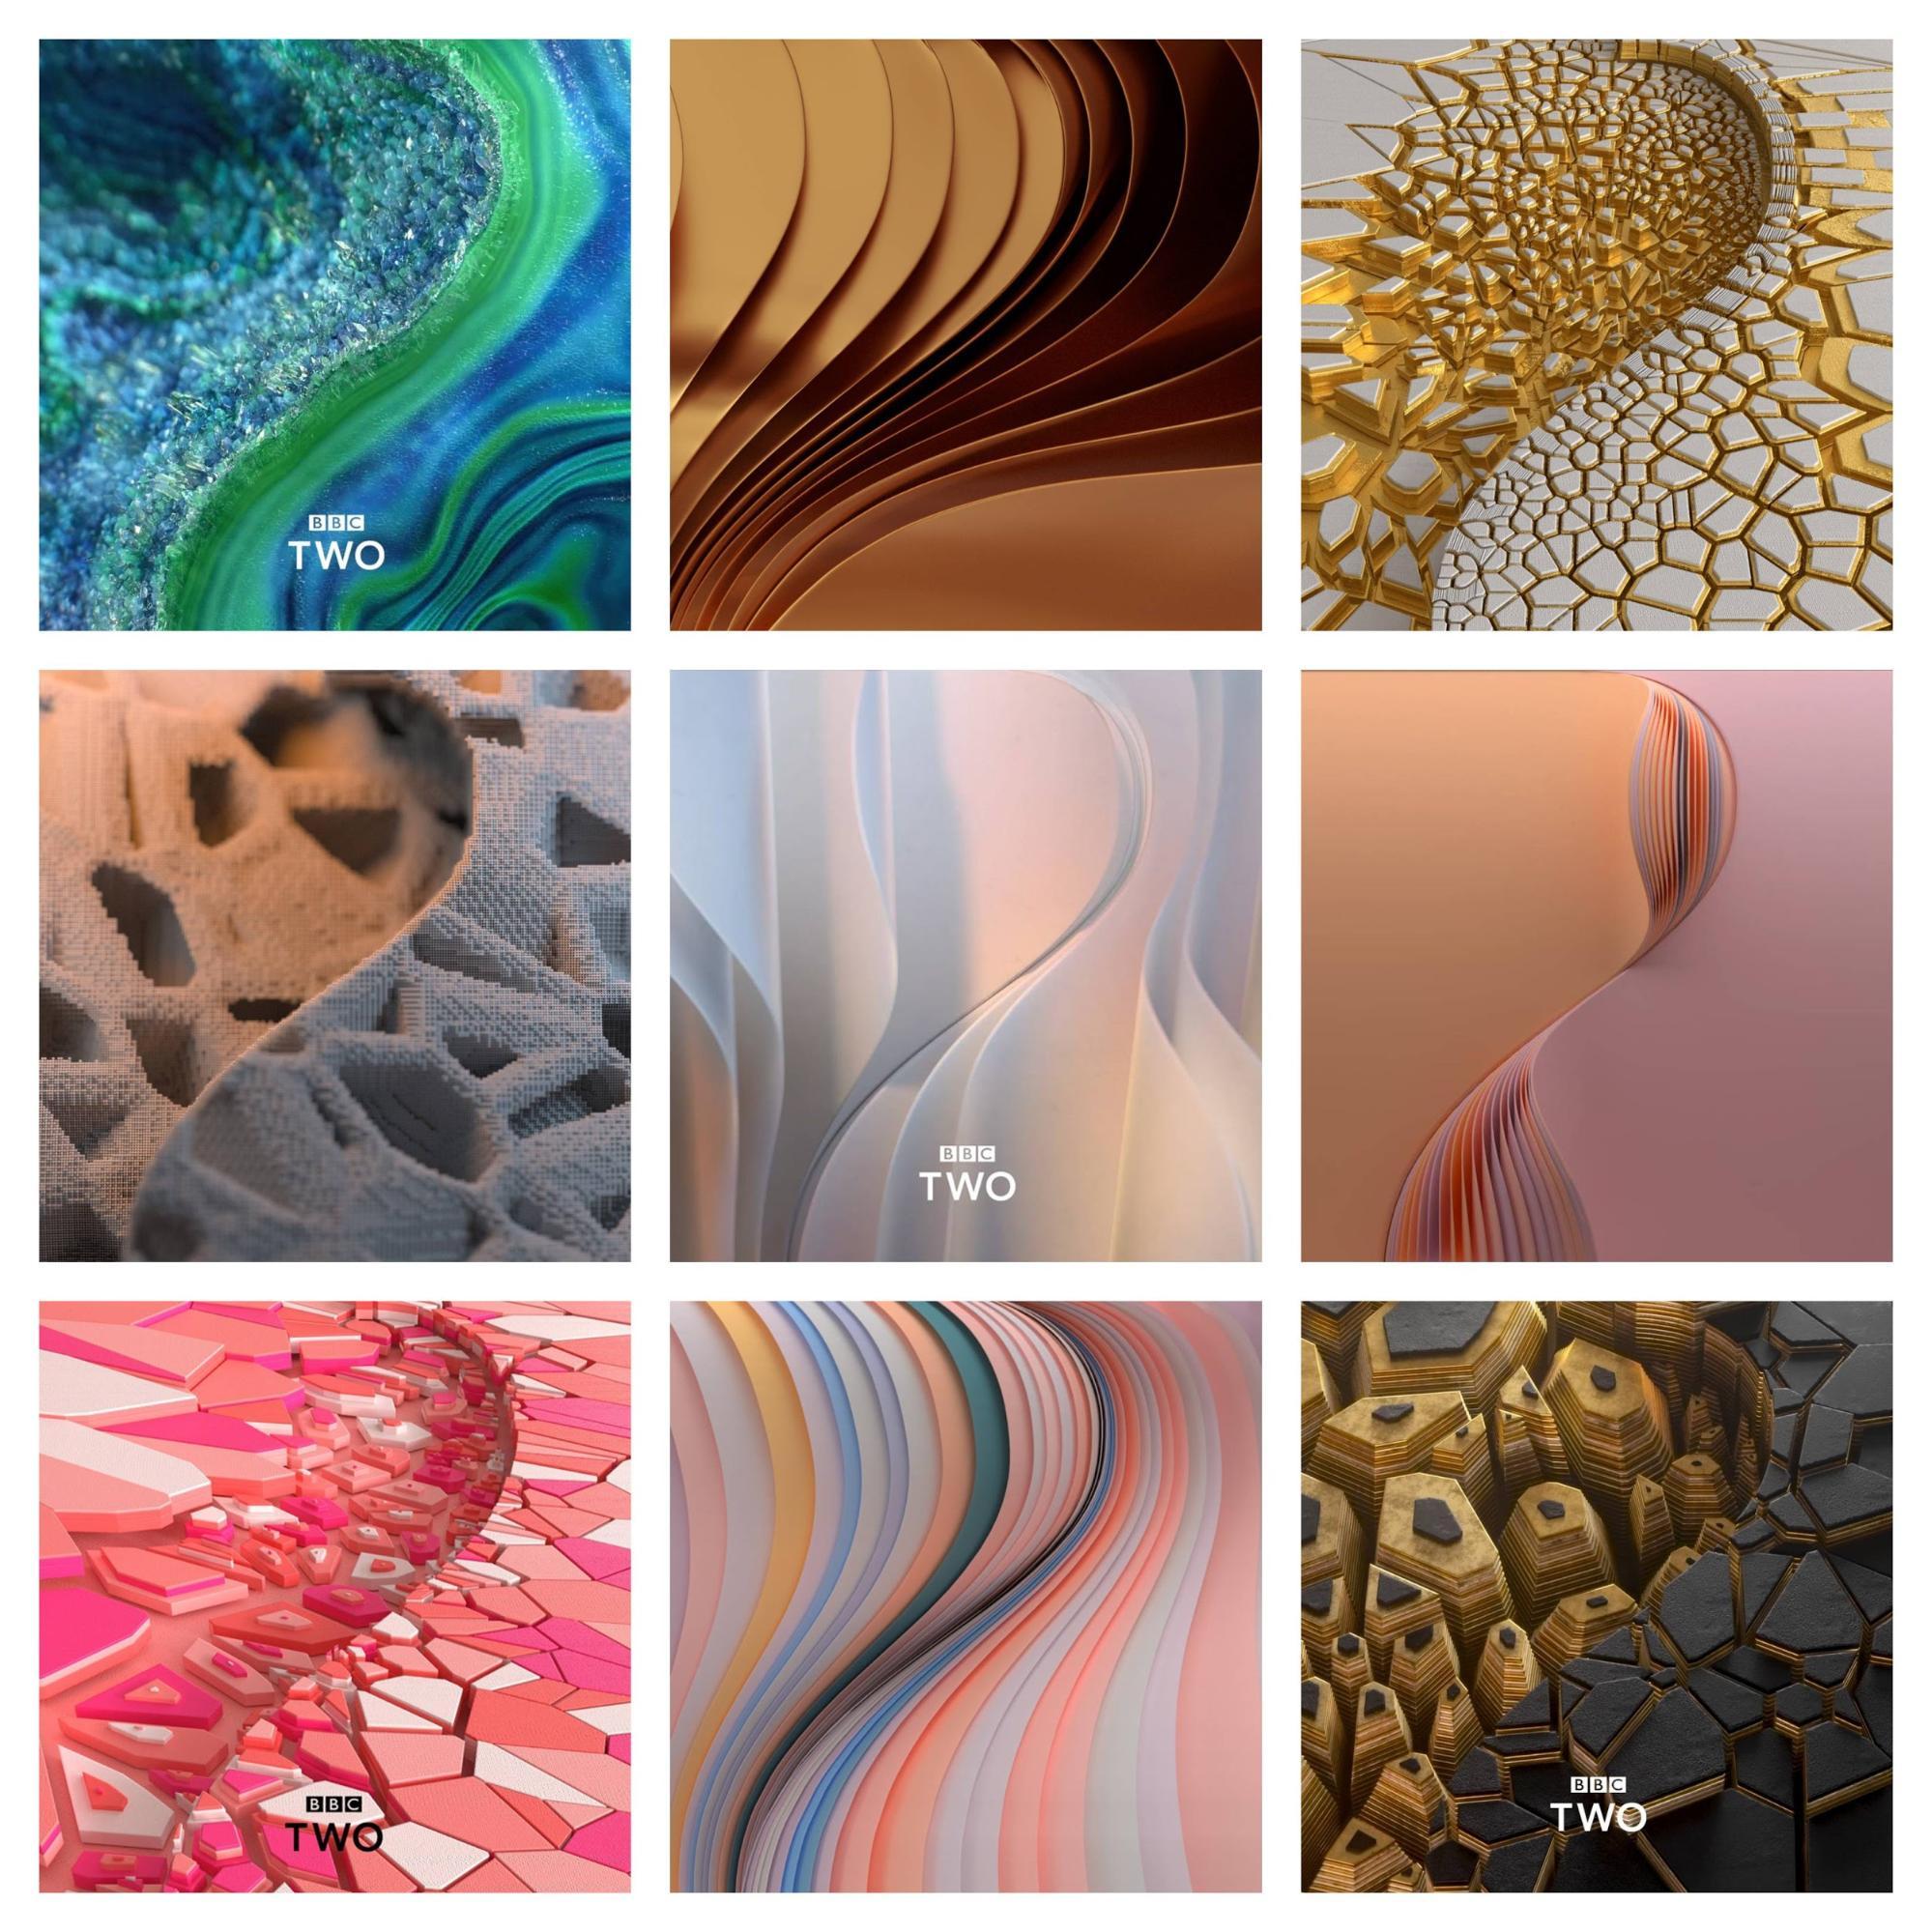 image1 - Tendencias Diseño Gráfico 2019